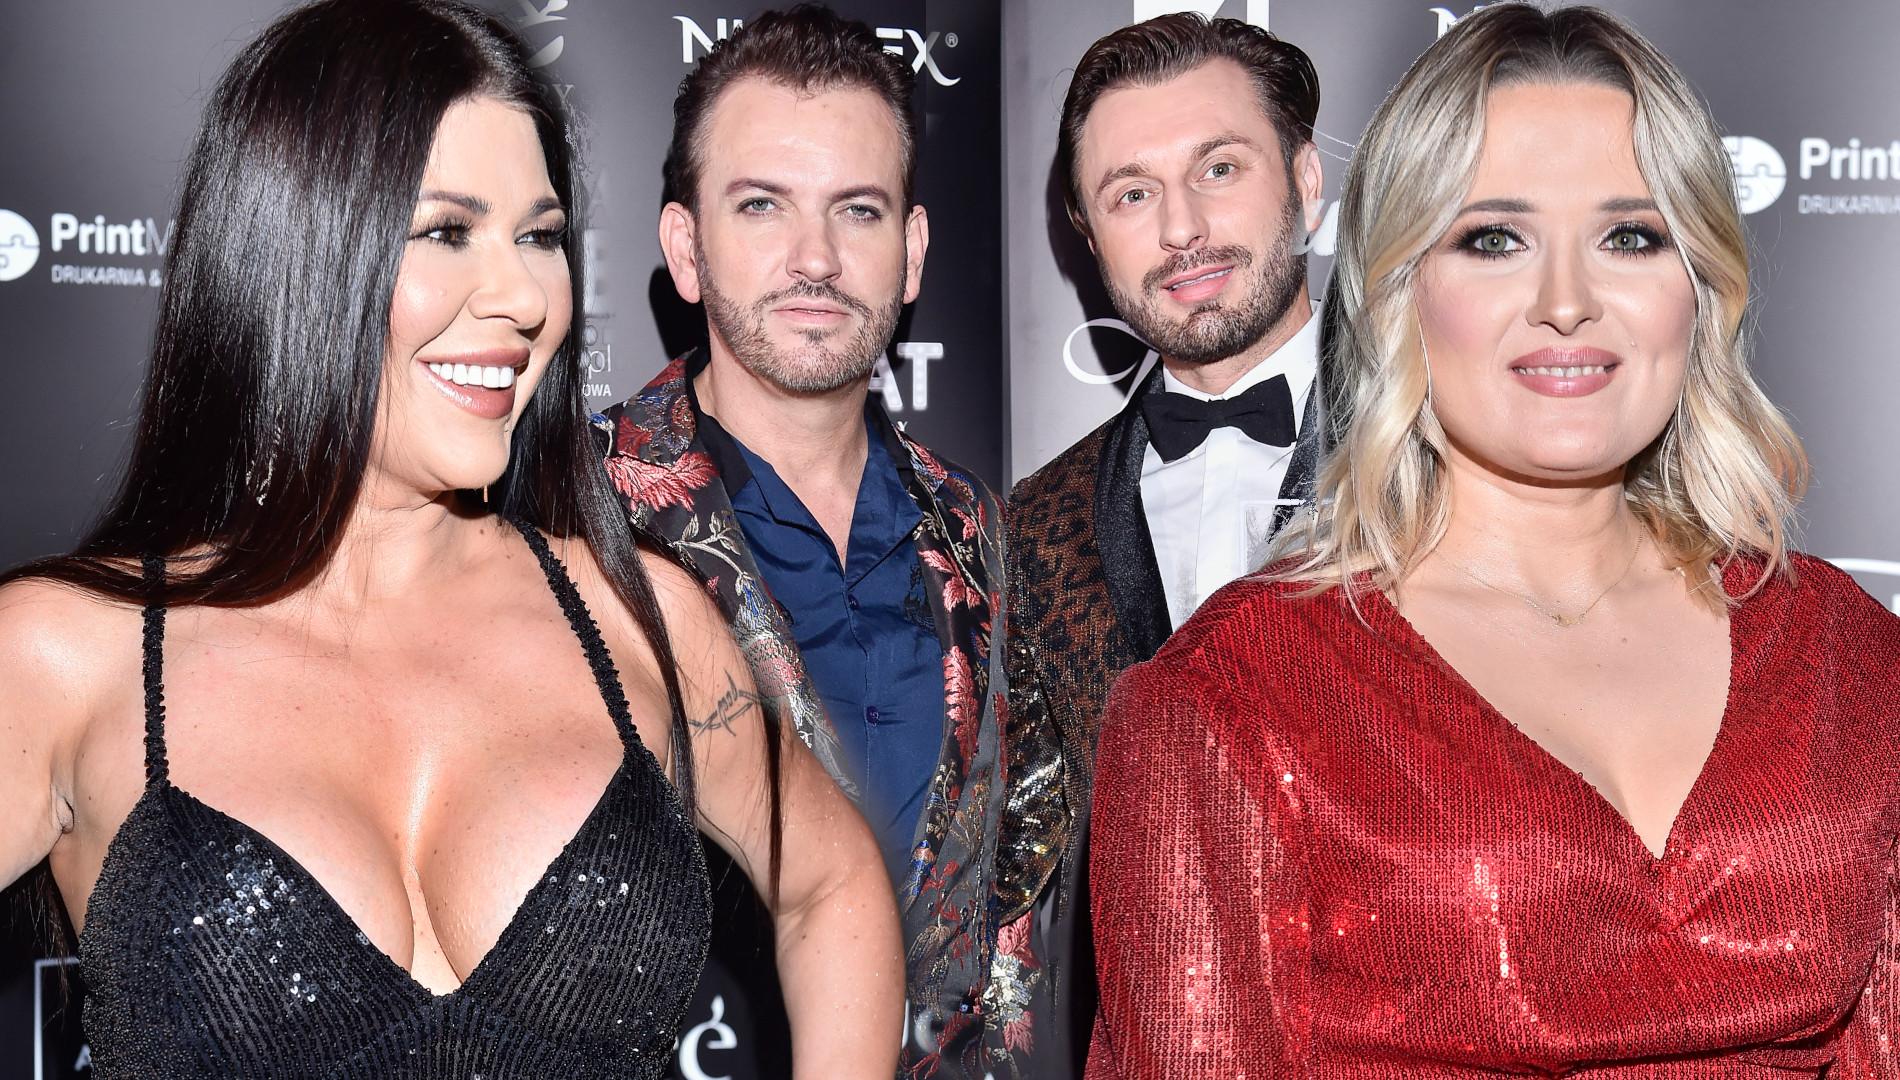 Cekinowe gwiazdy na gali Miss Warszawy: Andrzejewicz, Węgrowska i Królowie Życia